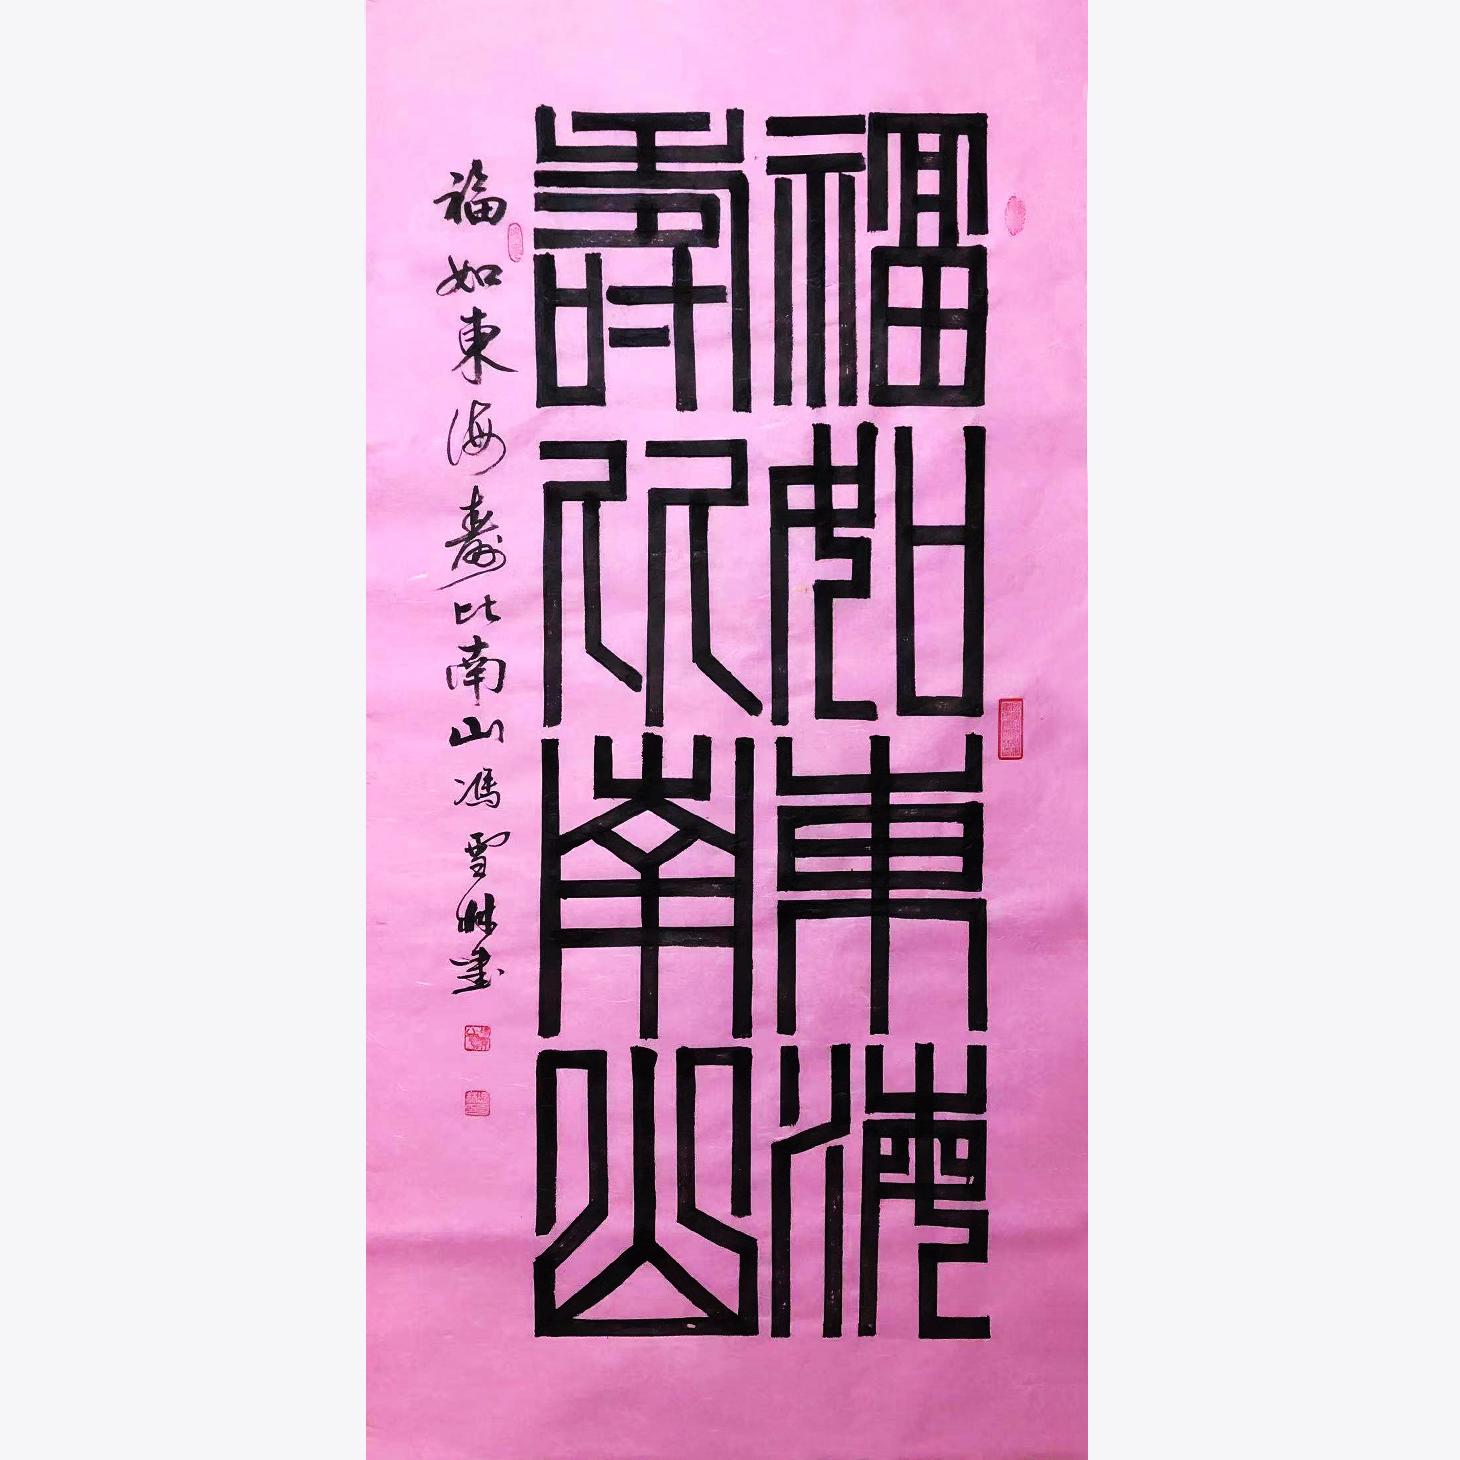 福如东海,寿比南山。祝寿书法字画 中国传统出名祝颂用语